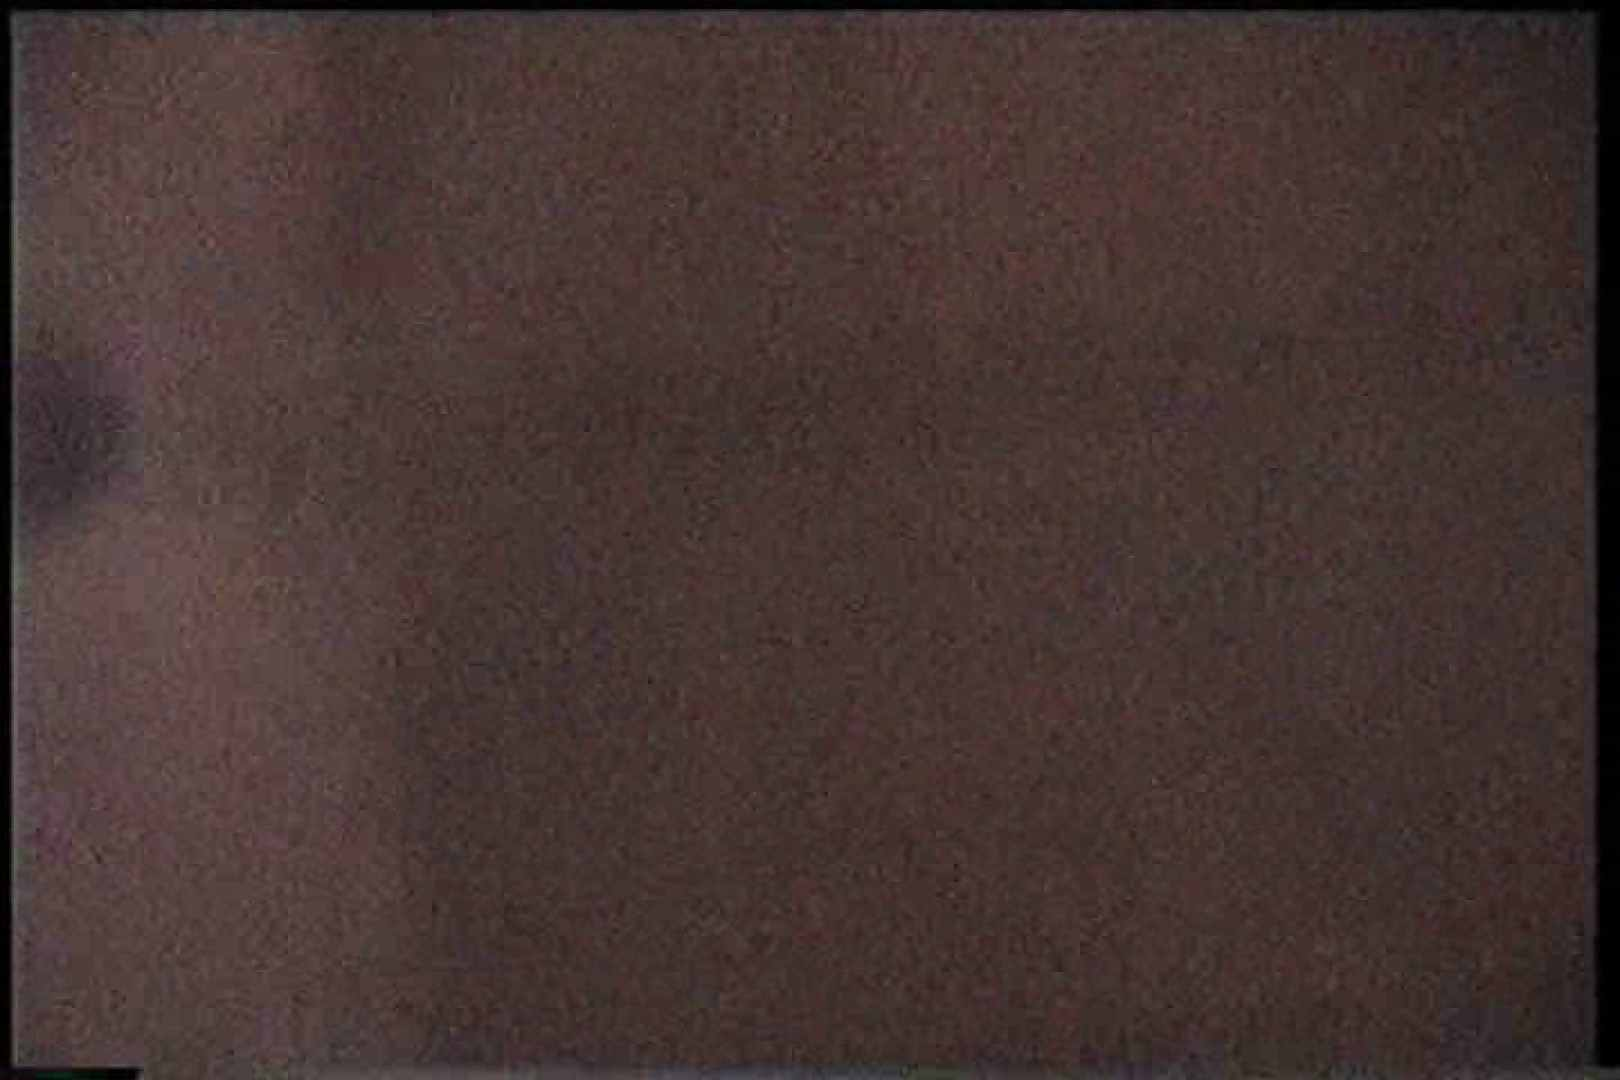 充血監督の深夜の運動会Vol.177 後編 エッチなセックス | カップル盗撮  91画像 64